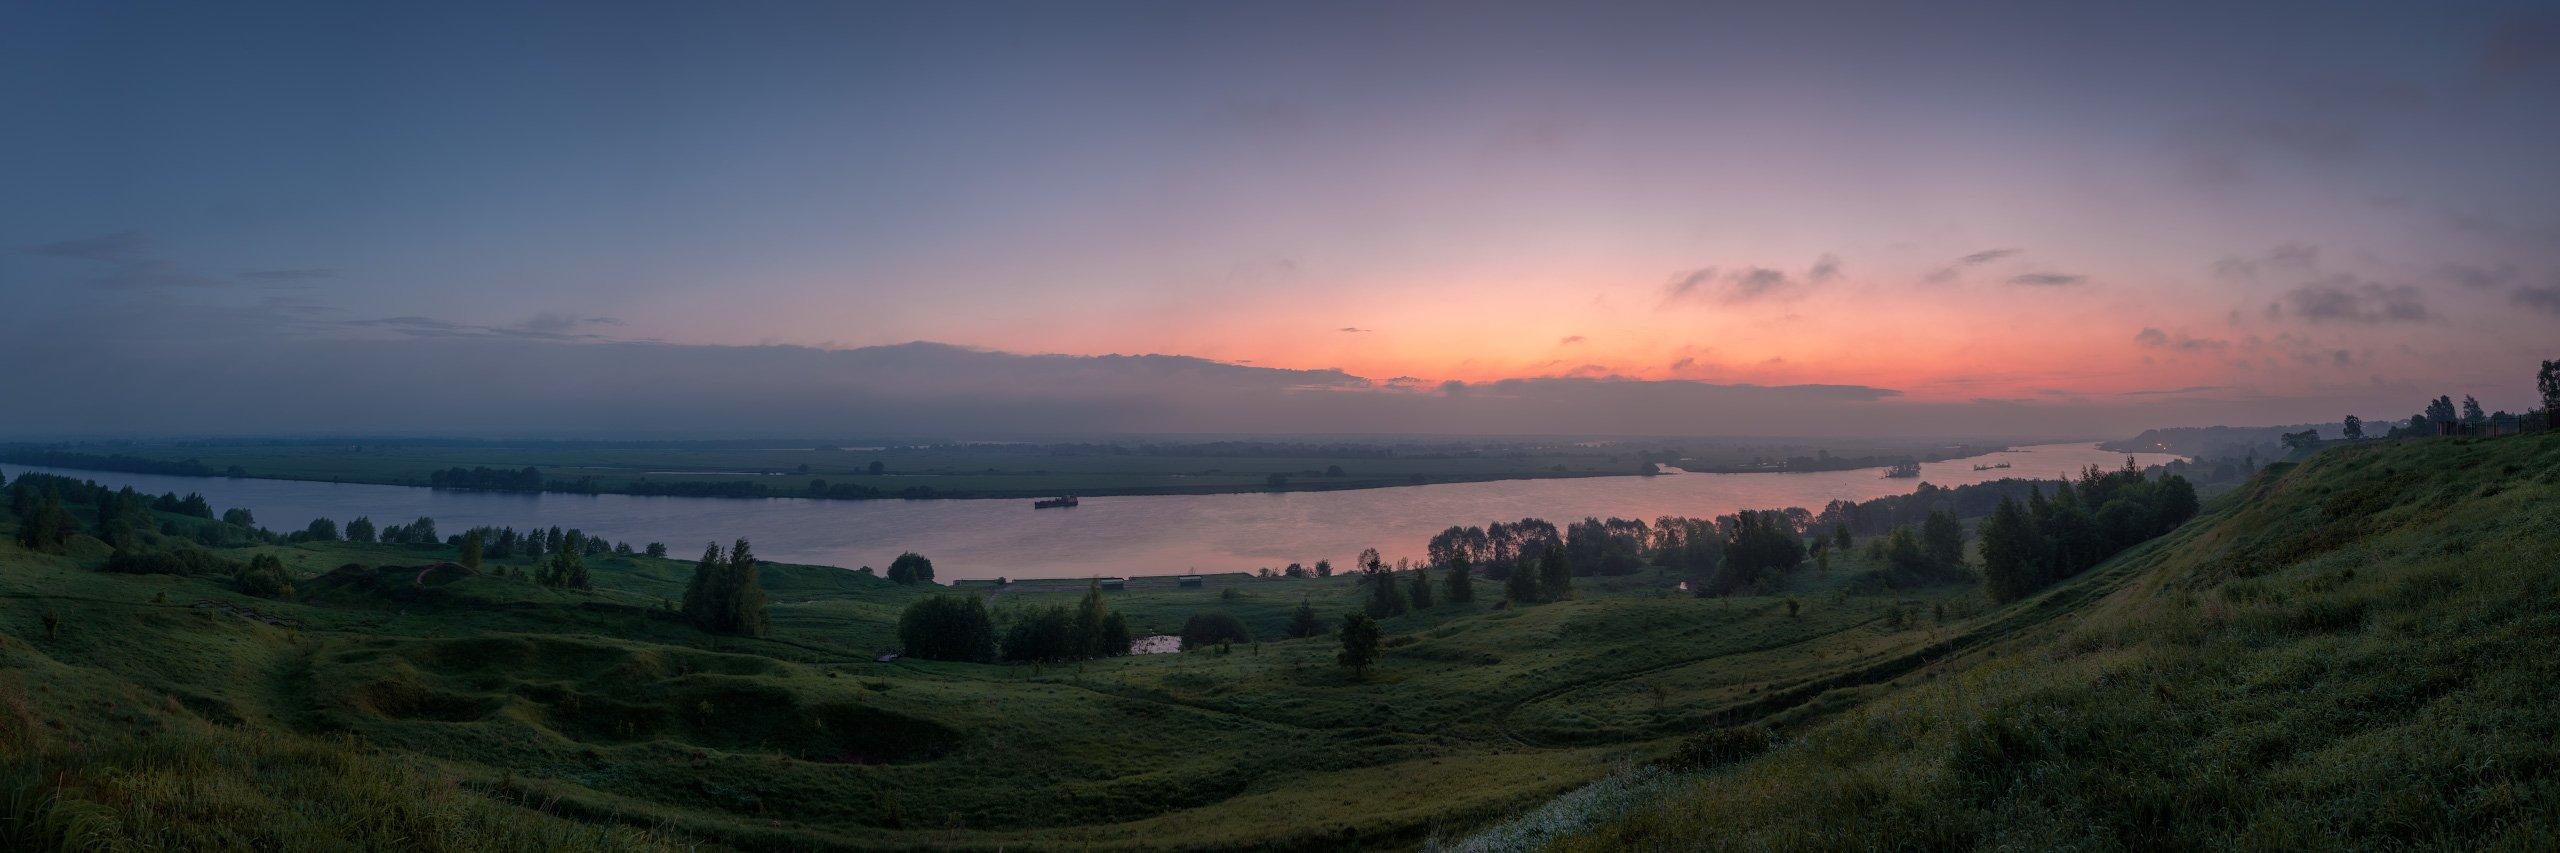 пейзаж, панорама, константиново, есенин, заря, рассвет, ока, Андрей Чиж